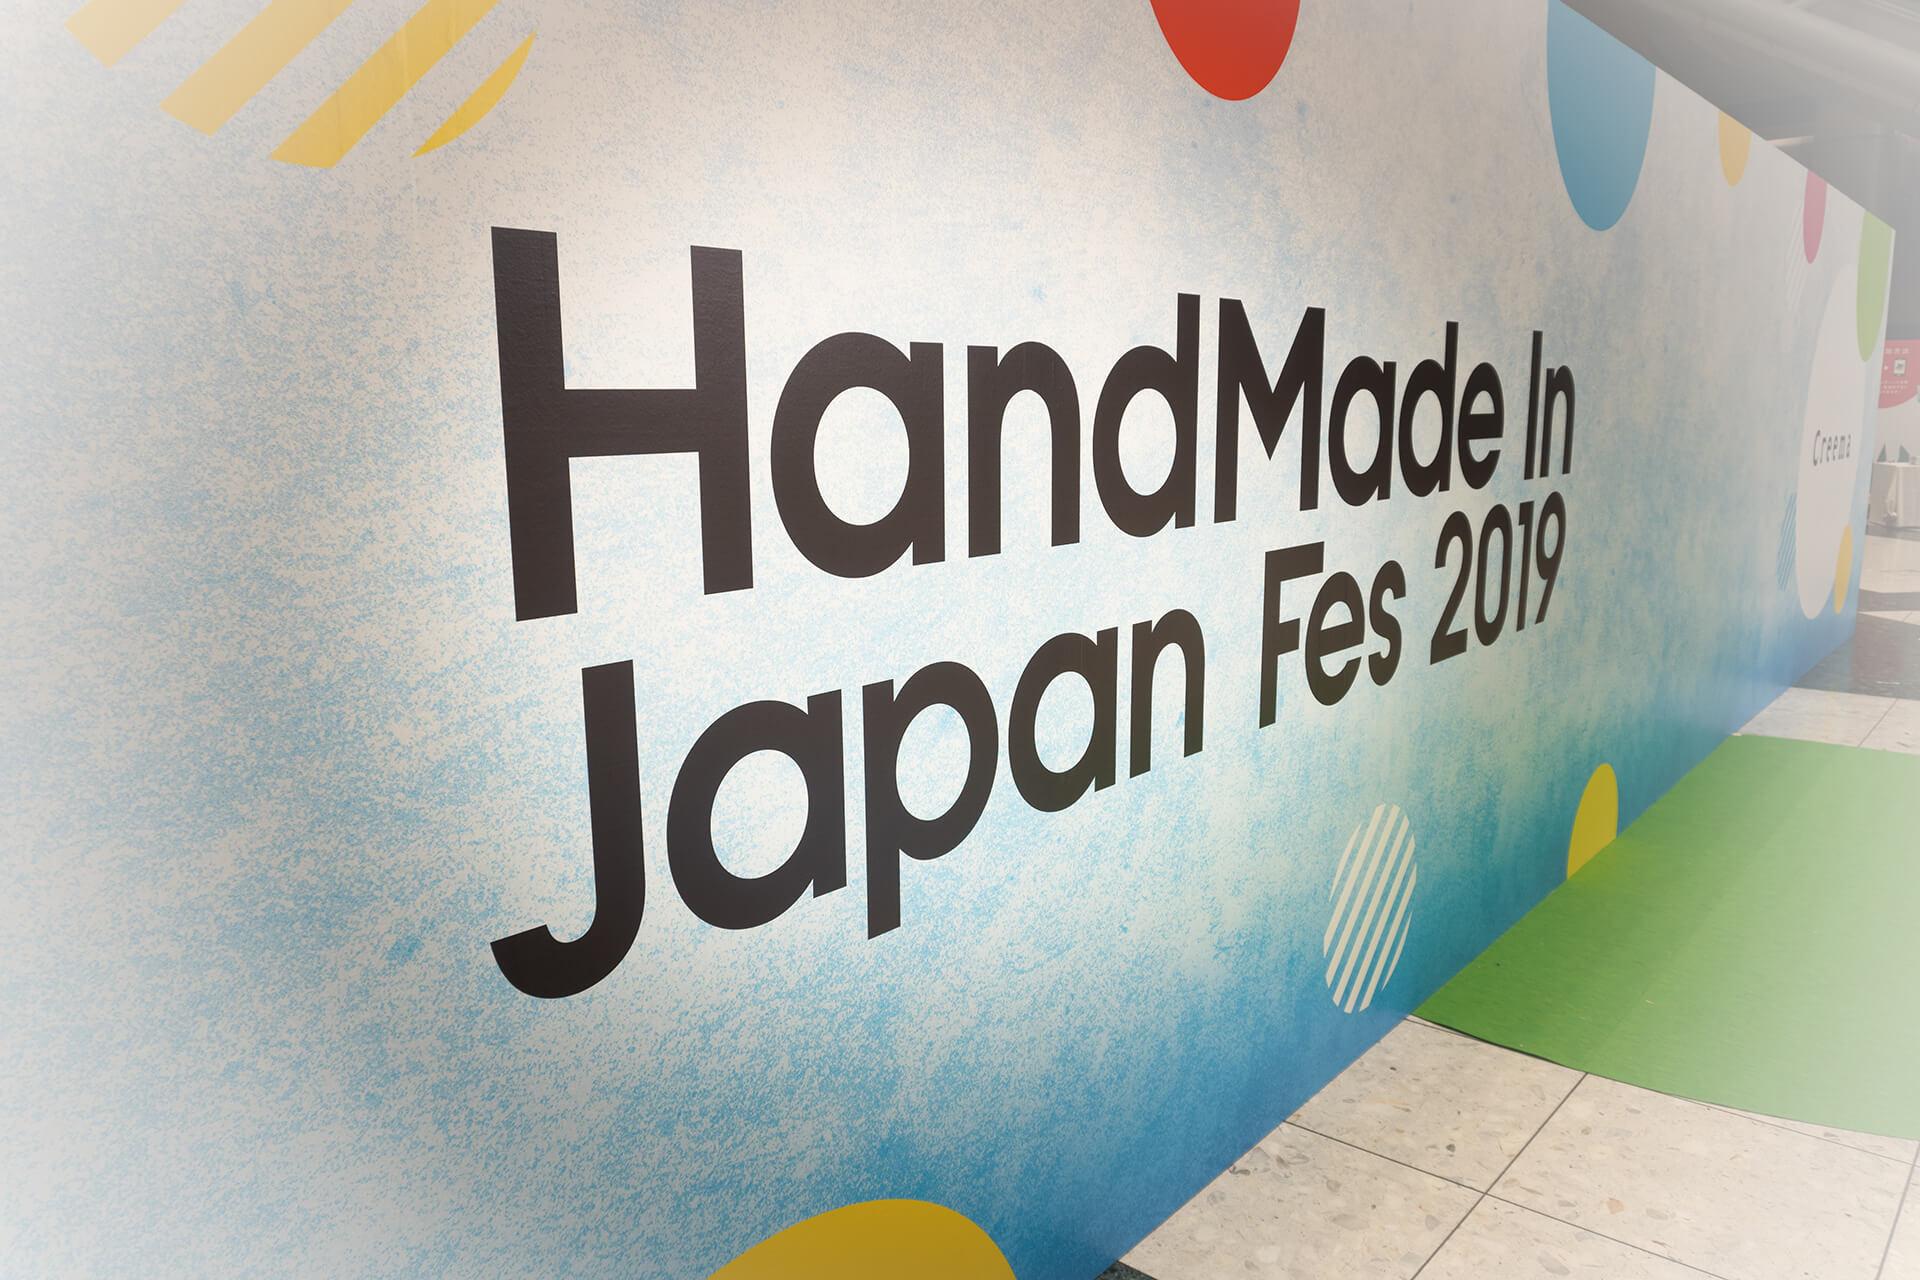 この写真はハンドメイドインジャパンの看板。大きなイベント名が描かれています